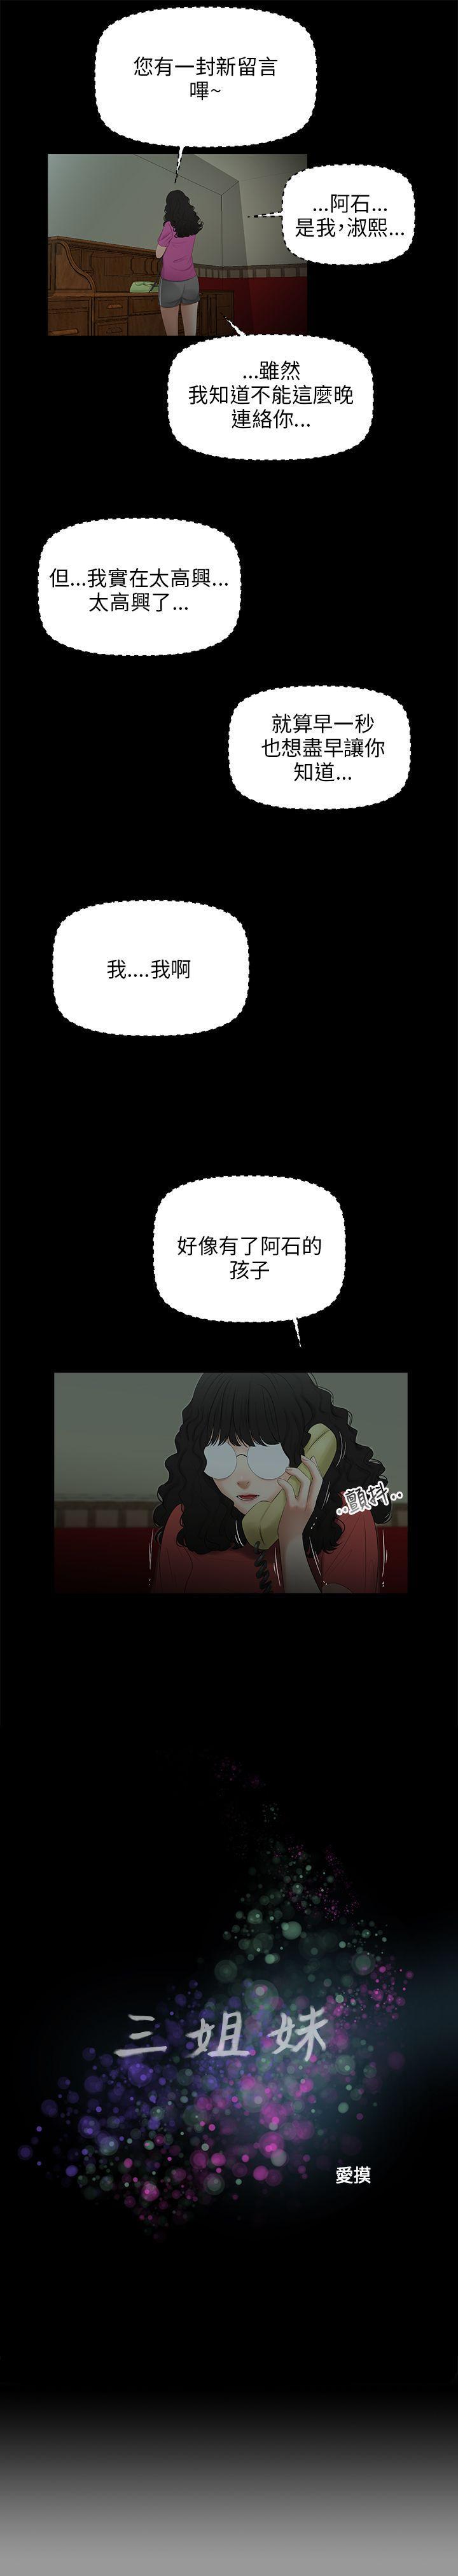 三姐妹 47-50 Chinese 30